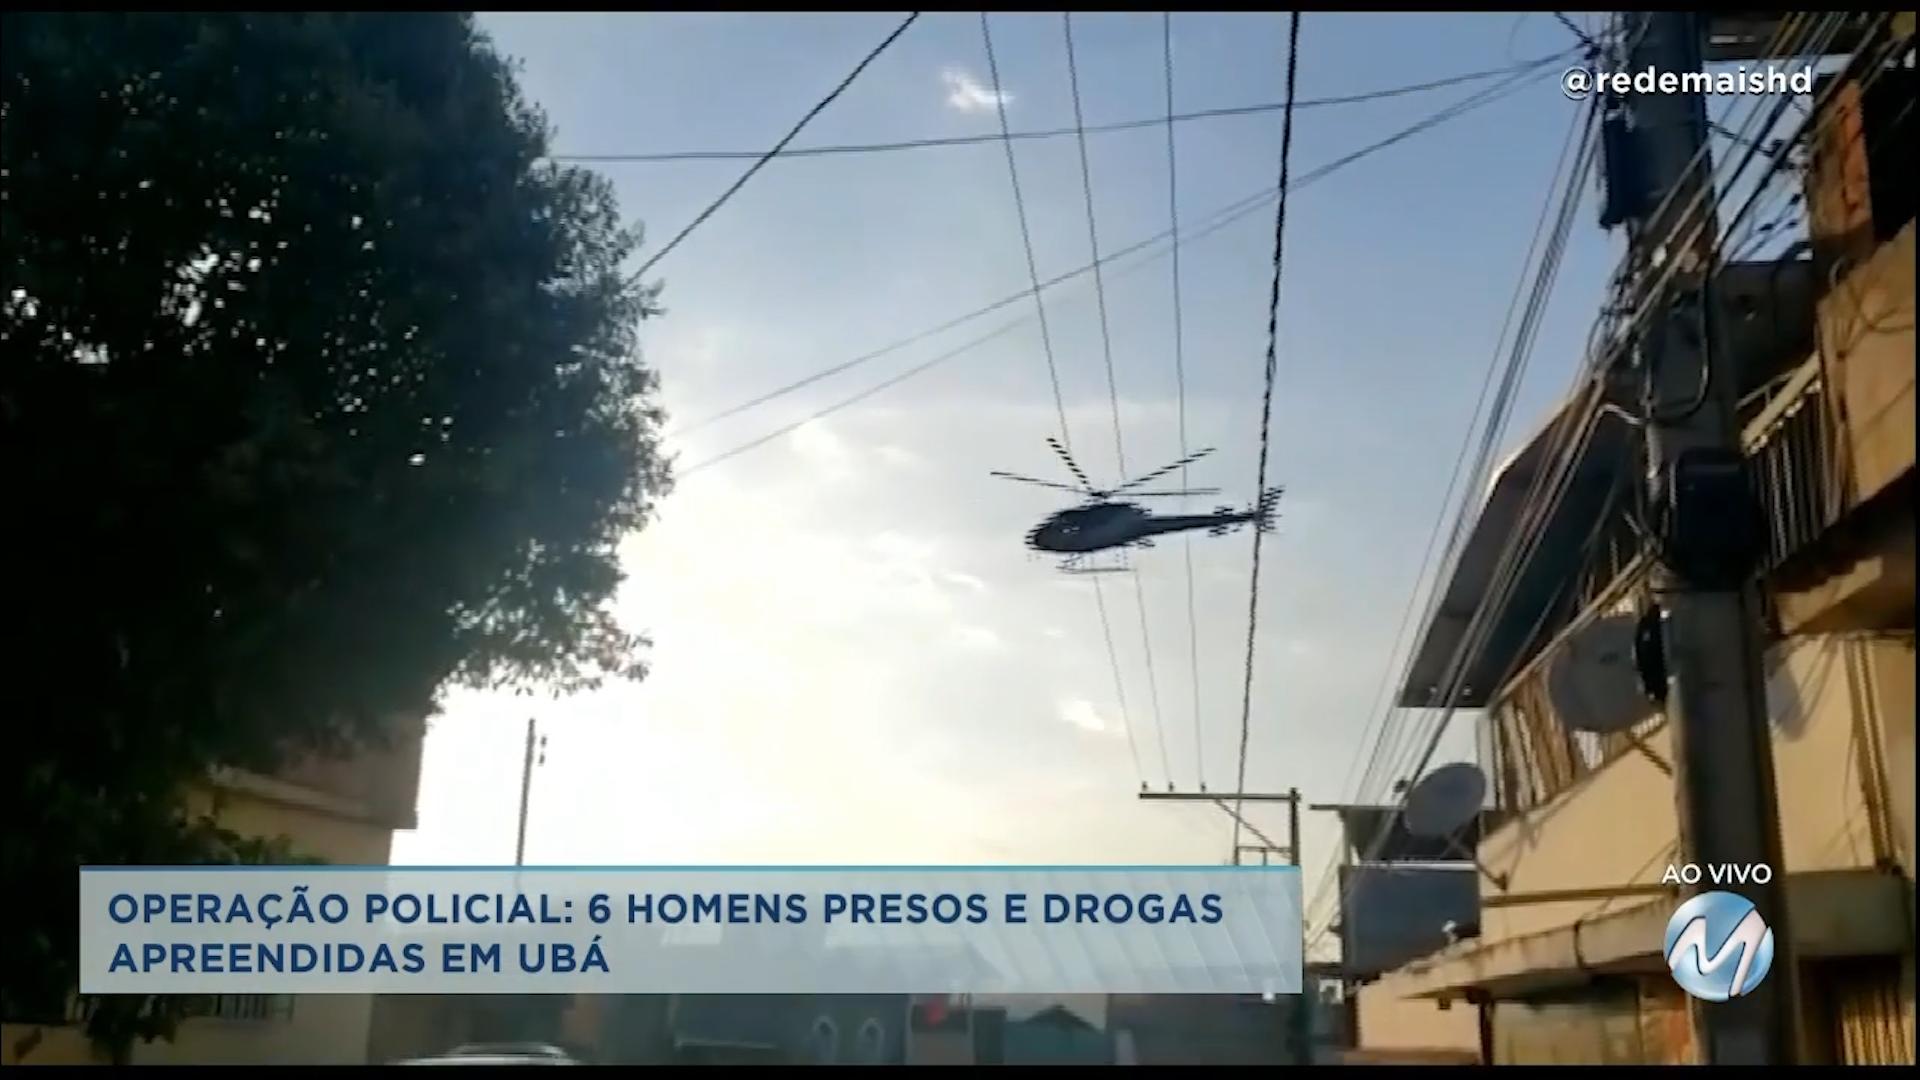 Operação policial: 6 homens são presos e drogas apreendidas em Ubá